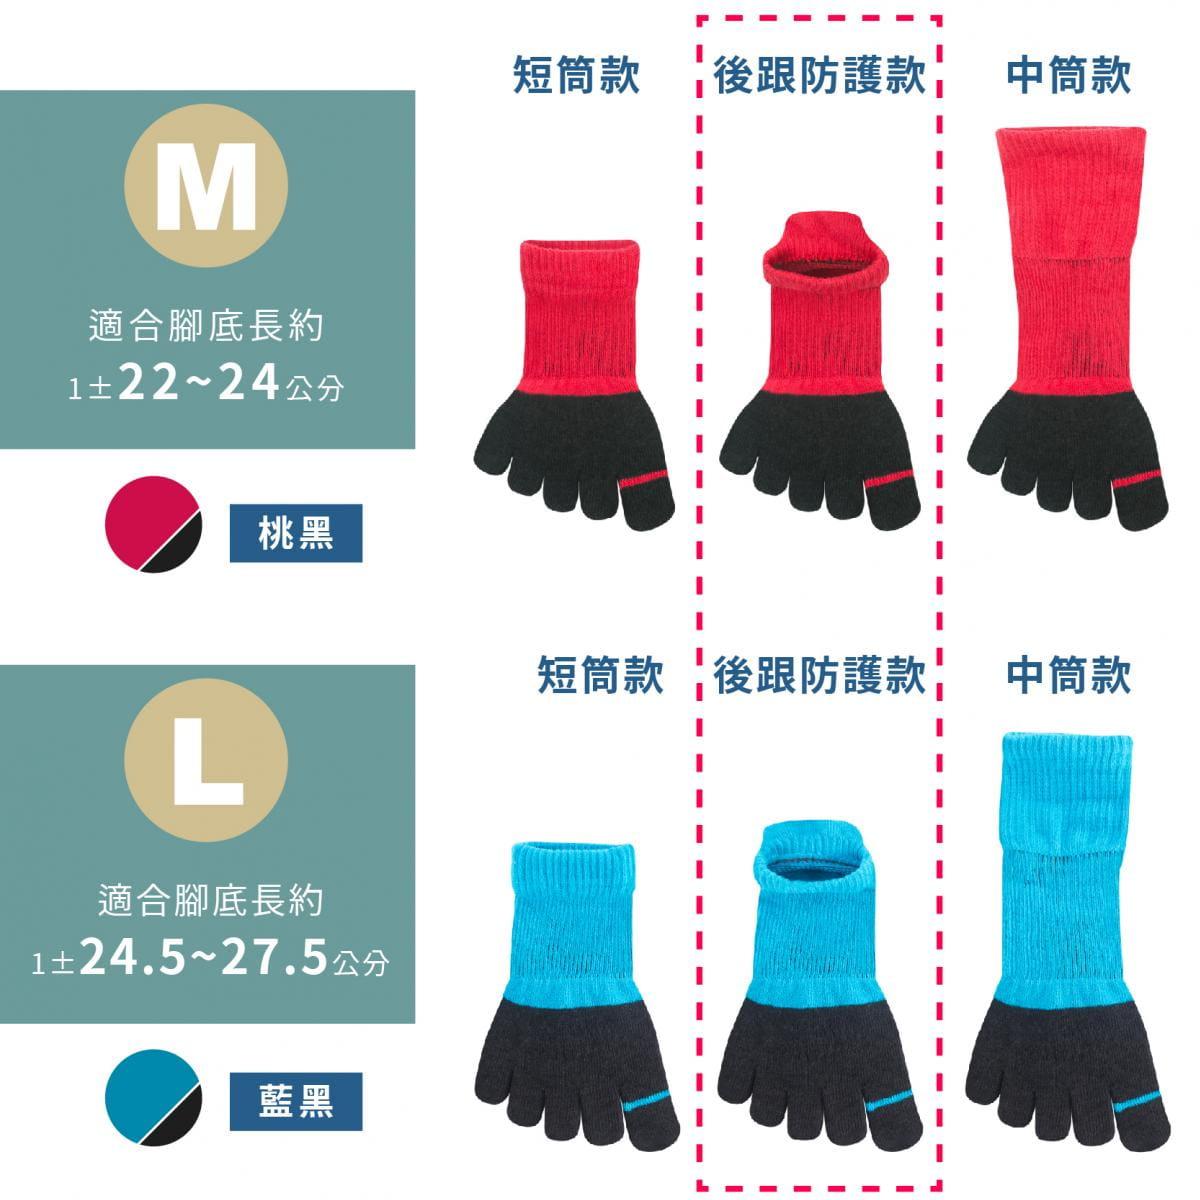 【FAV】後跟防護加壓五指運動襪-1雙入 9